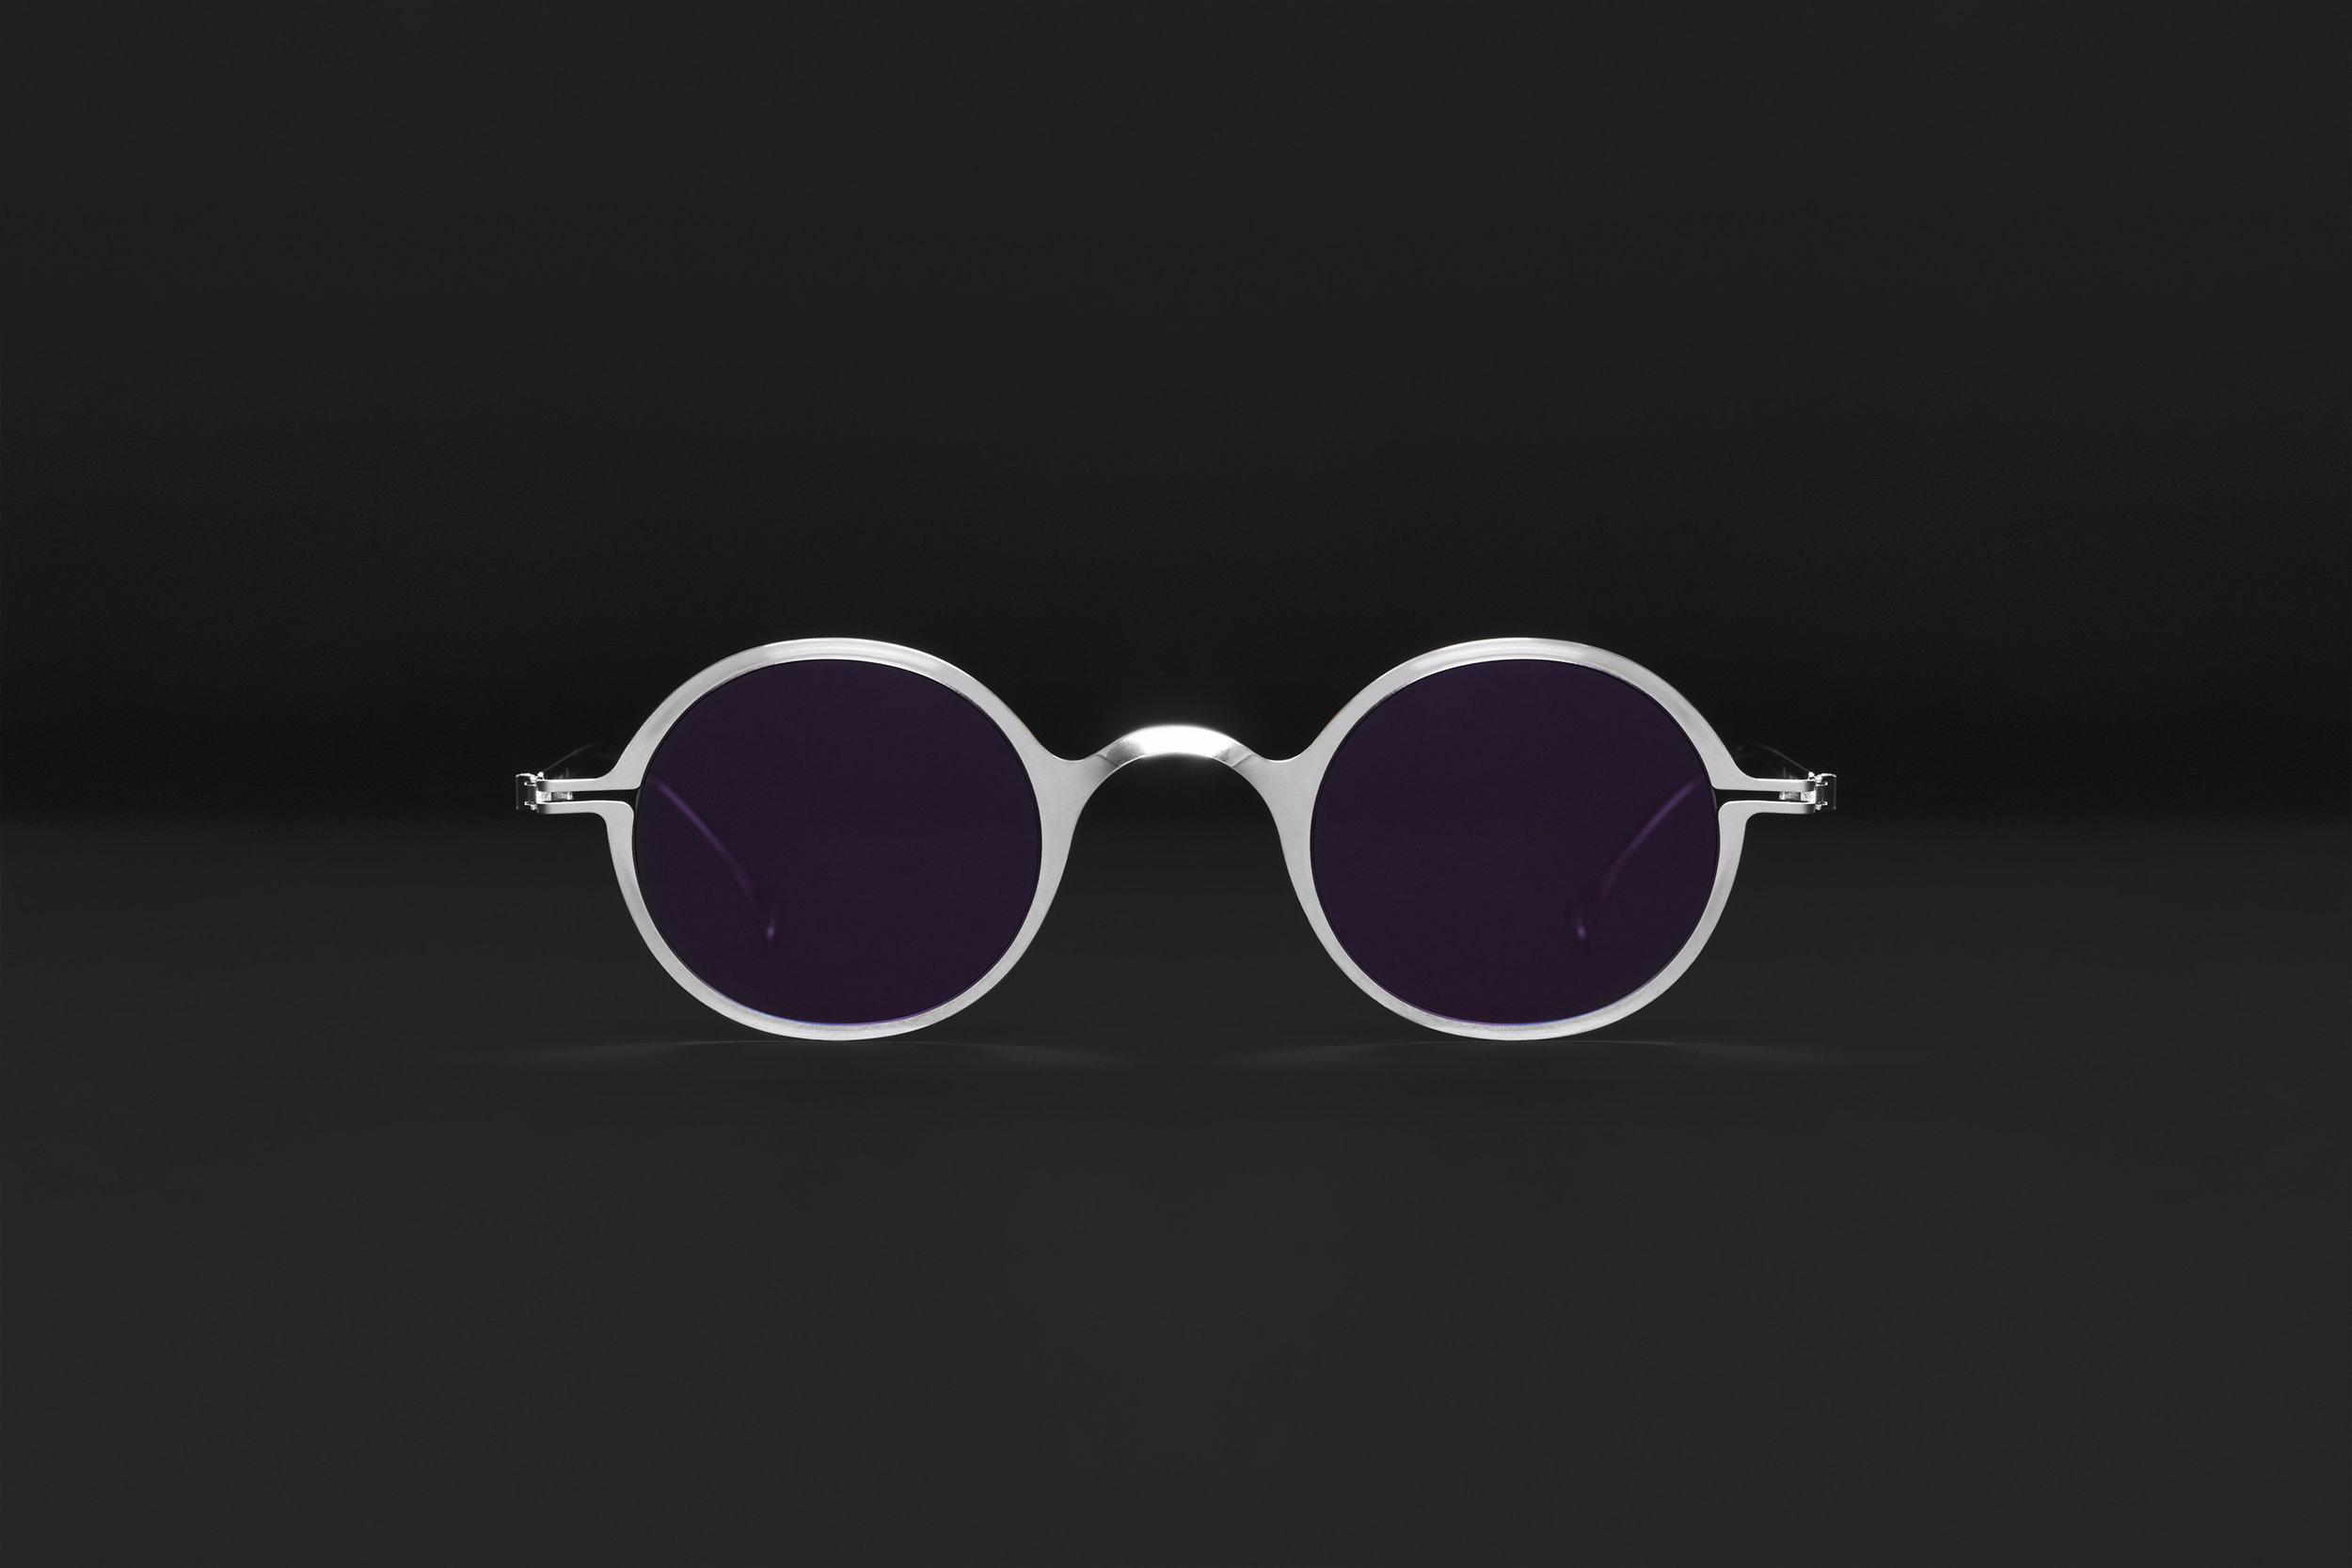 haffmans_neumeister_laudanum_argentum_potassium_violet_phasmid_sunglasses_front_102223.jpg